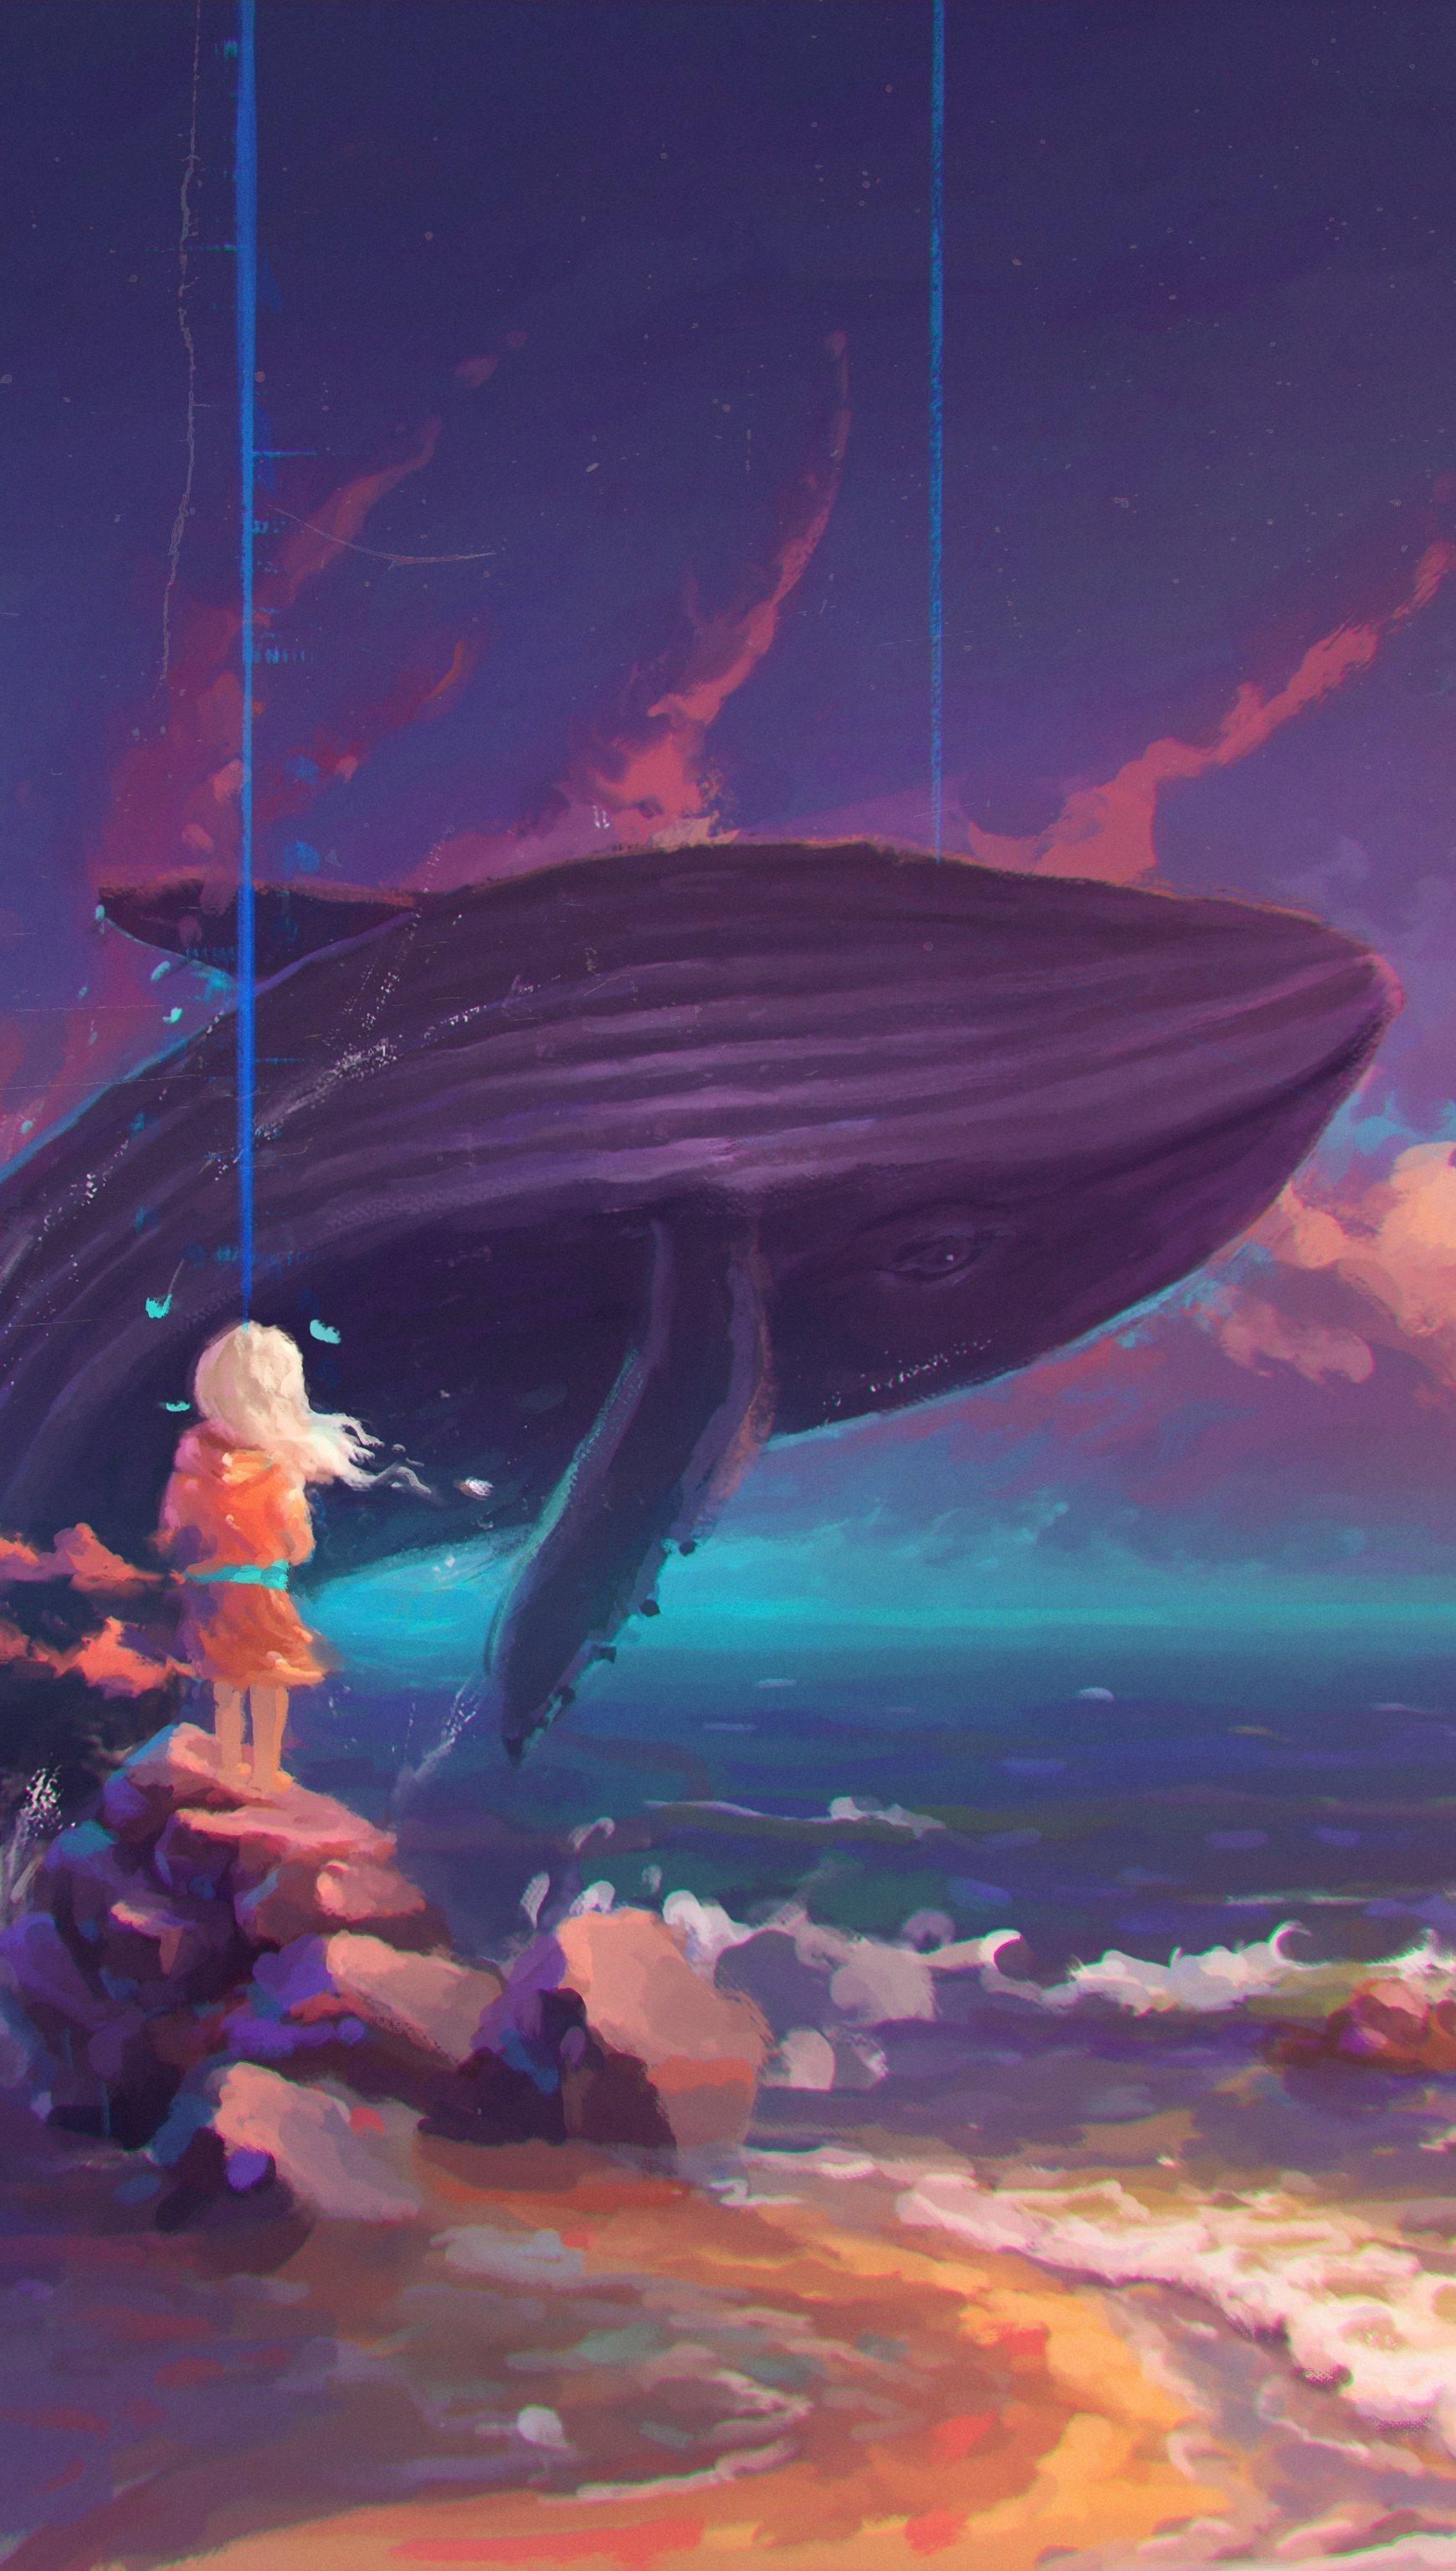 Fondos de pantalla Arte de ballena saltando en el oceano Vertical